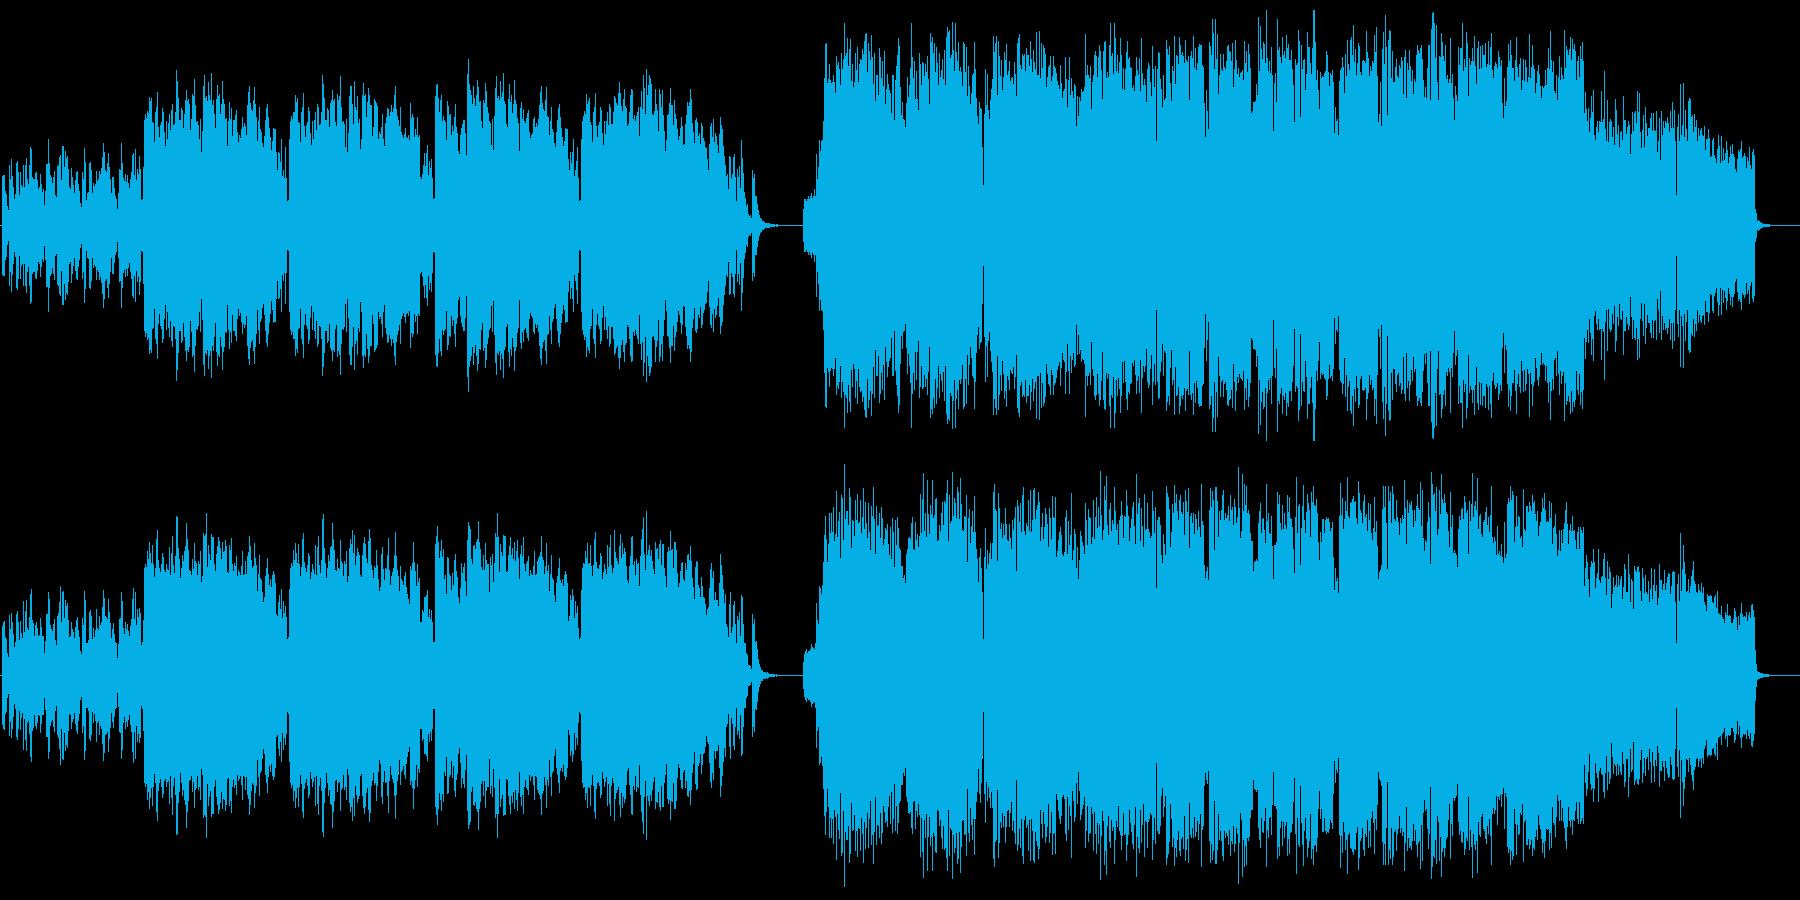 和風×ロックの緊迫感ある戦闘曲の再生済みの波形